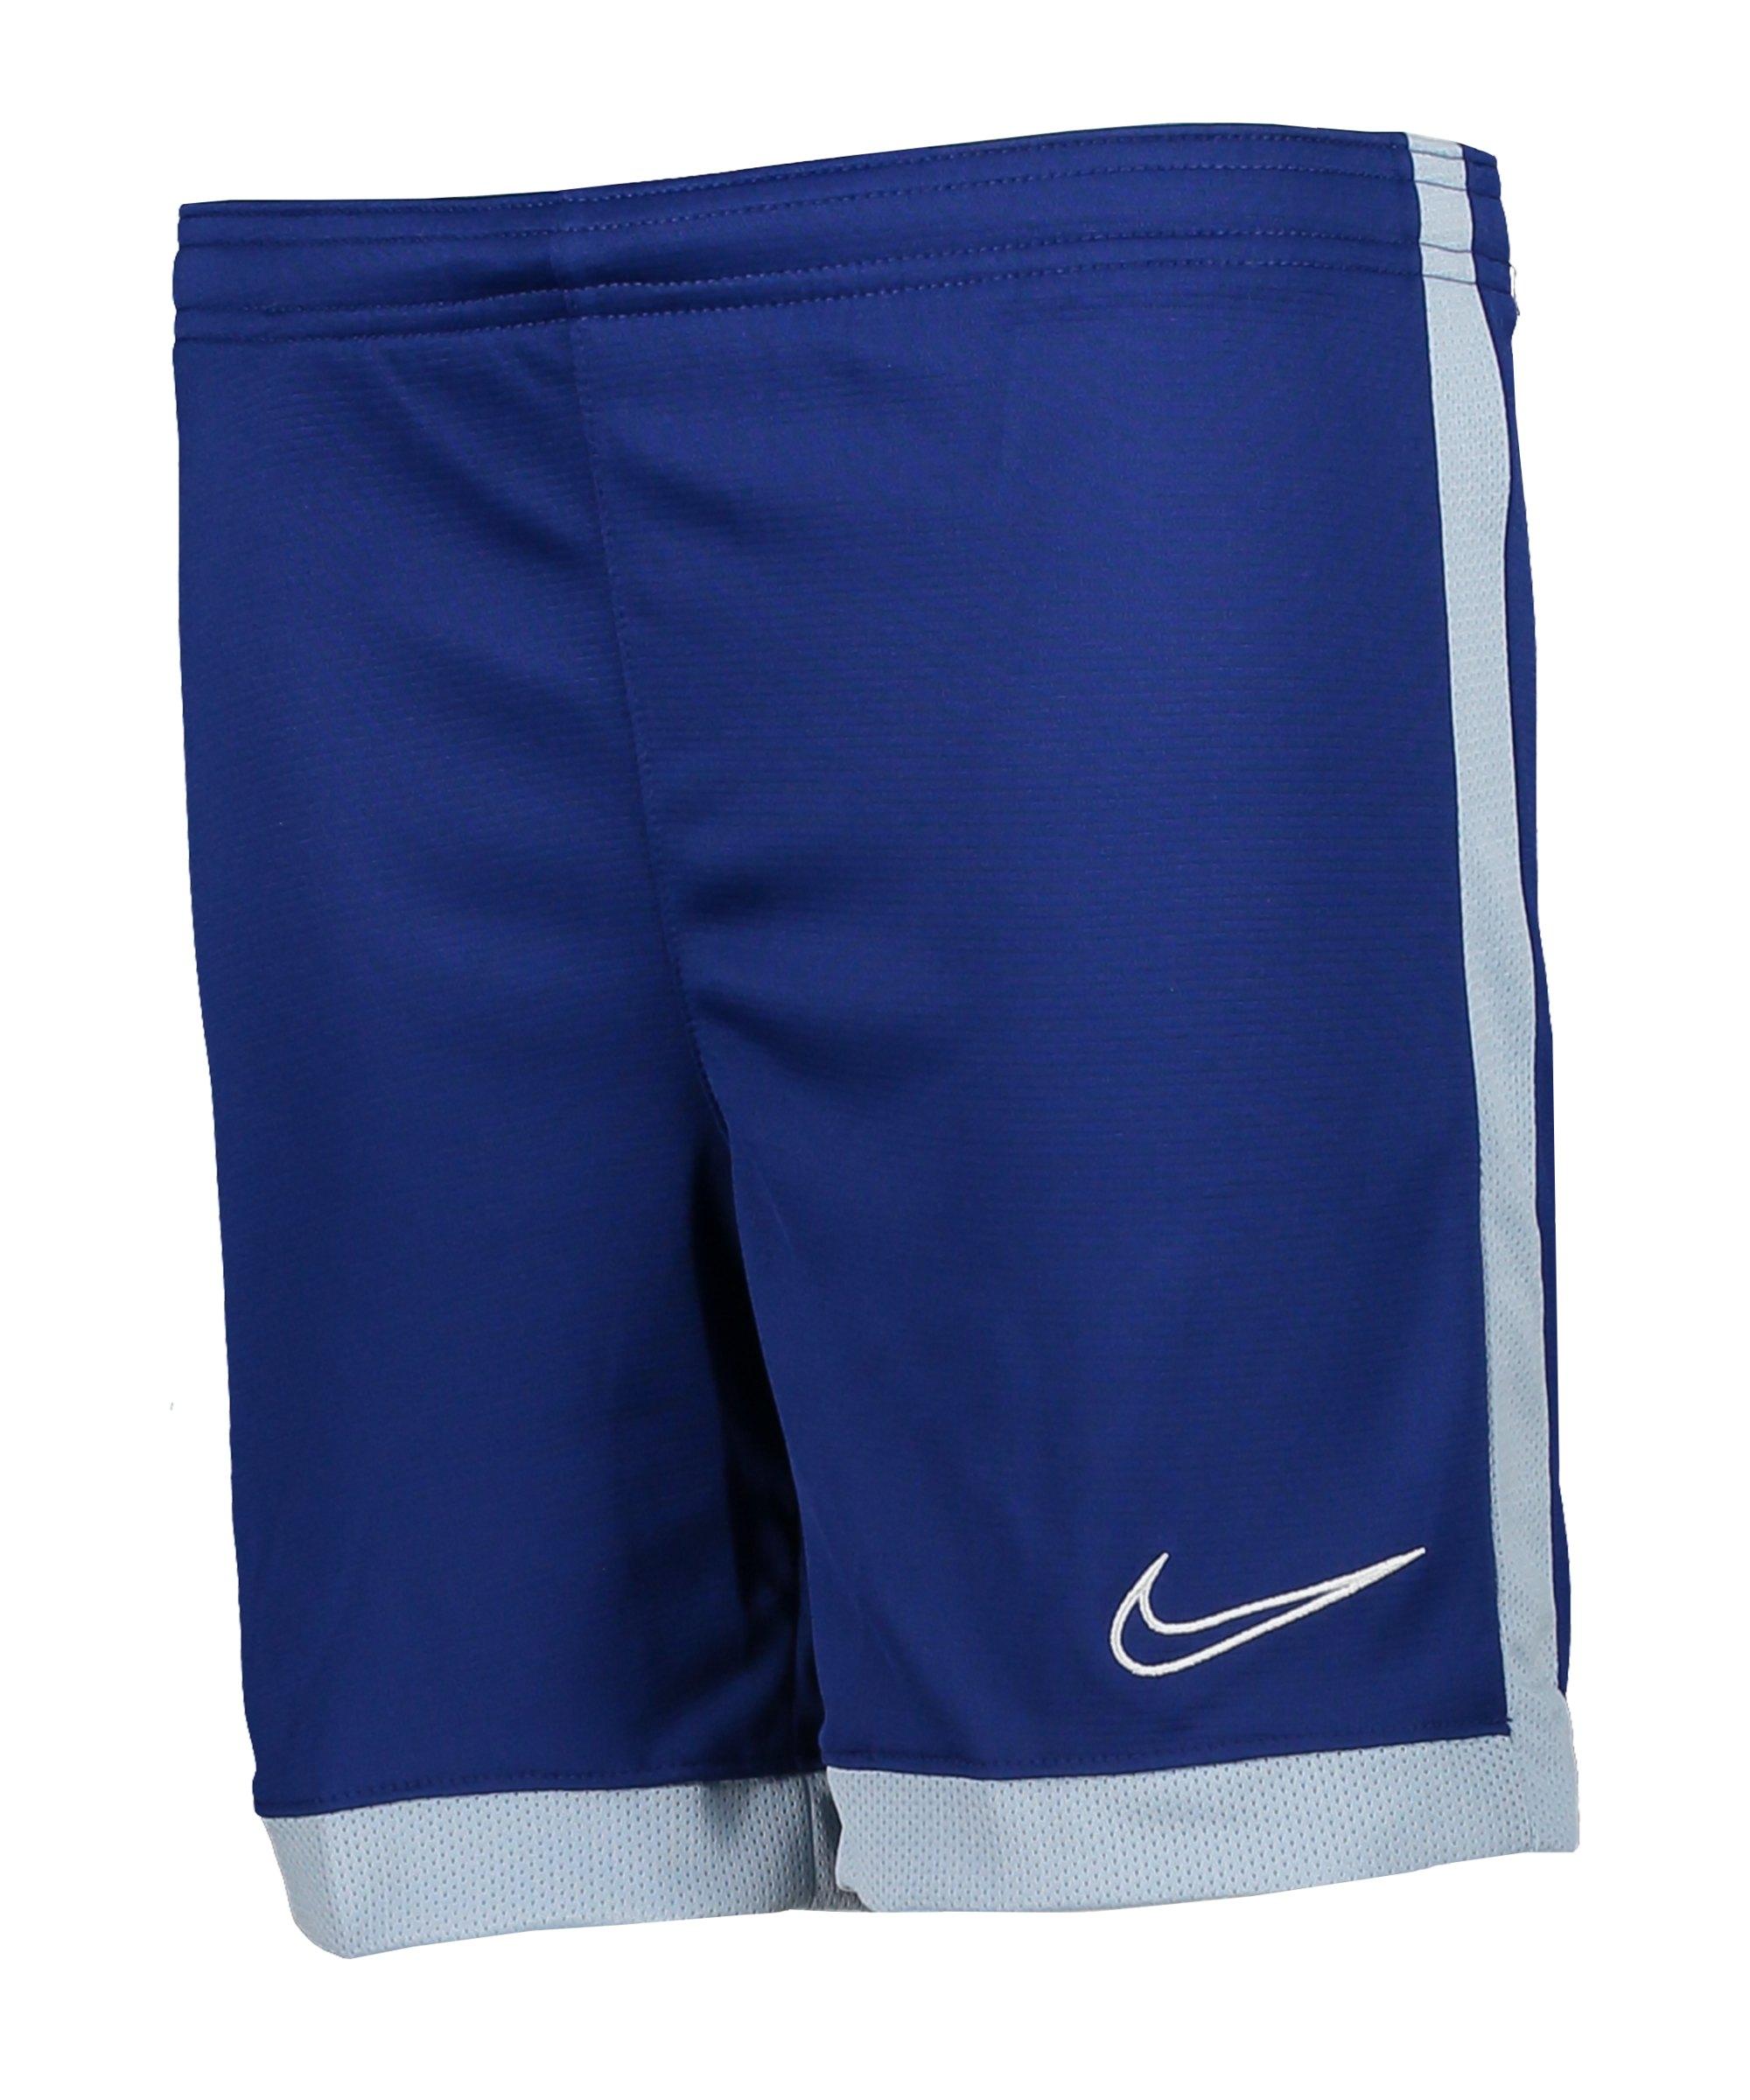 Nike Academy Dri-FIT Short Kids Blau F455 - blau